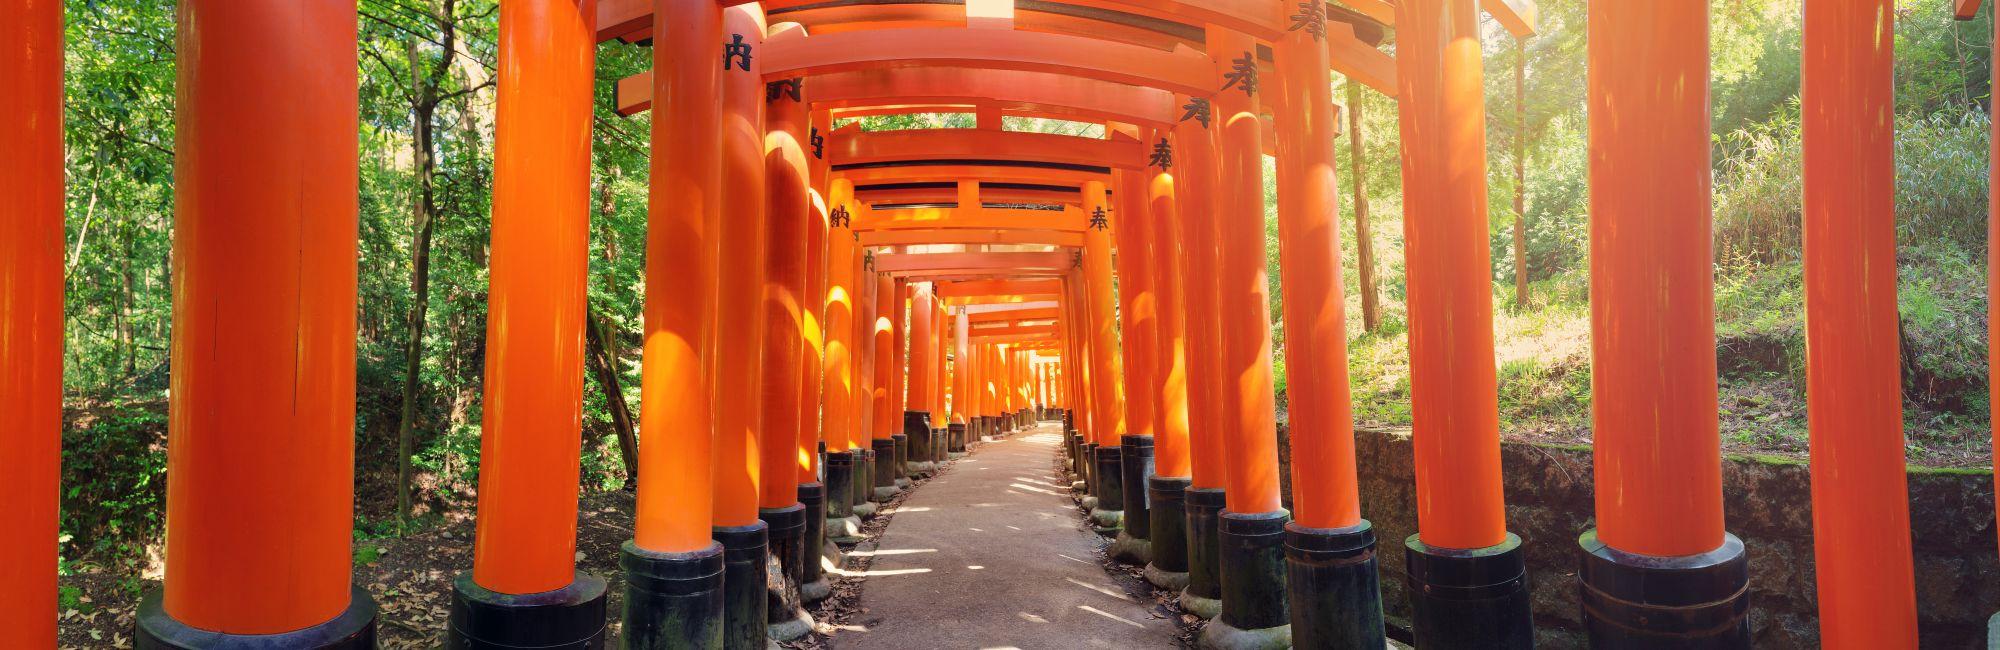 Japan Kyoto Fushimi Inari Shrine Torii gates